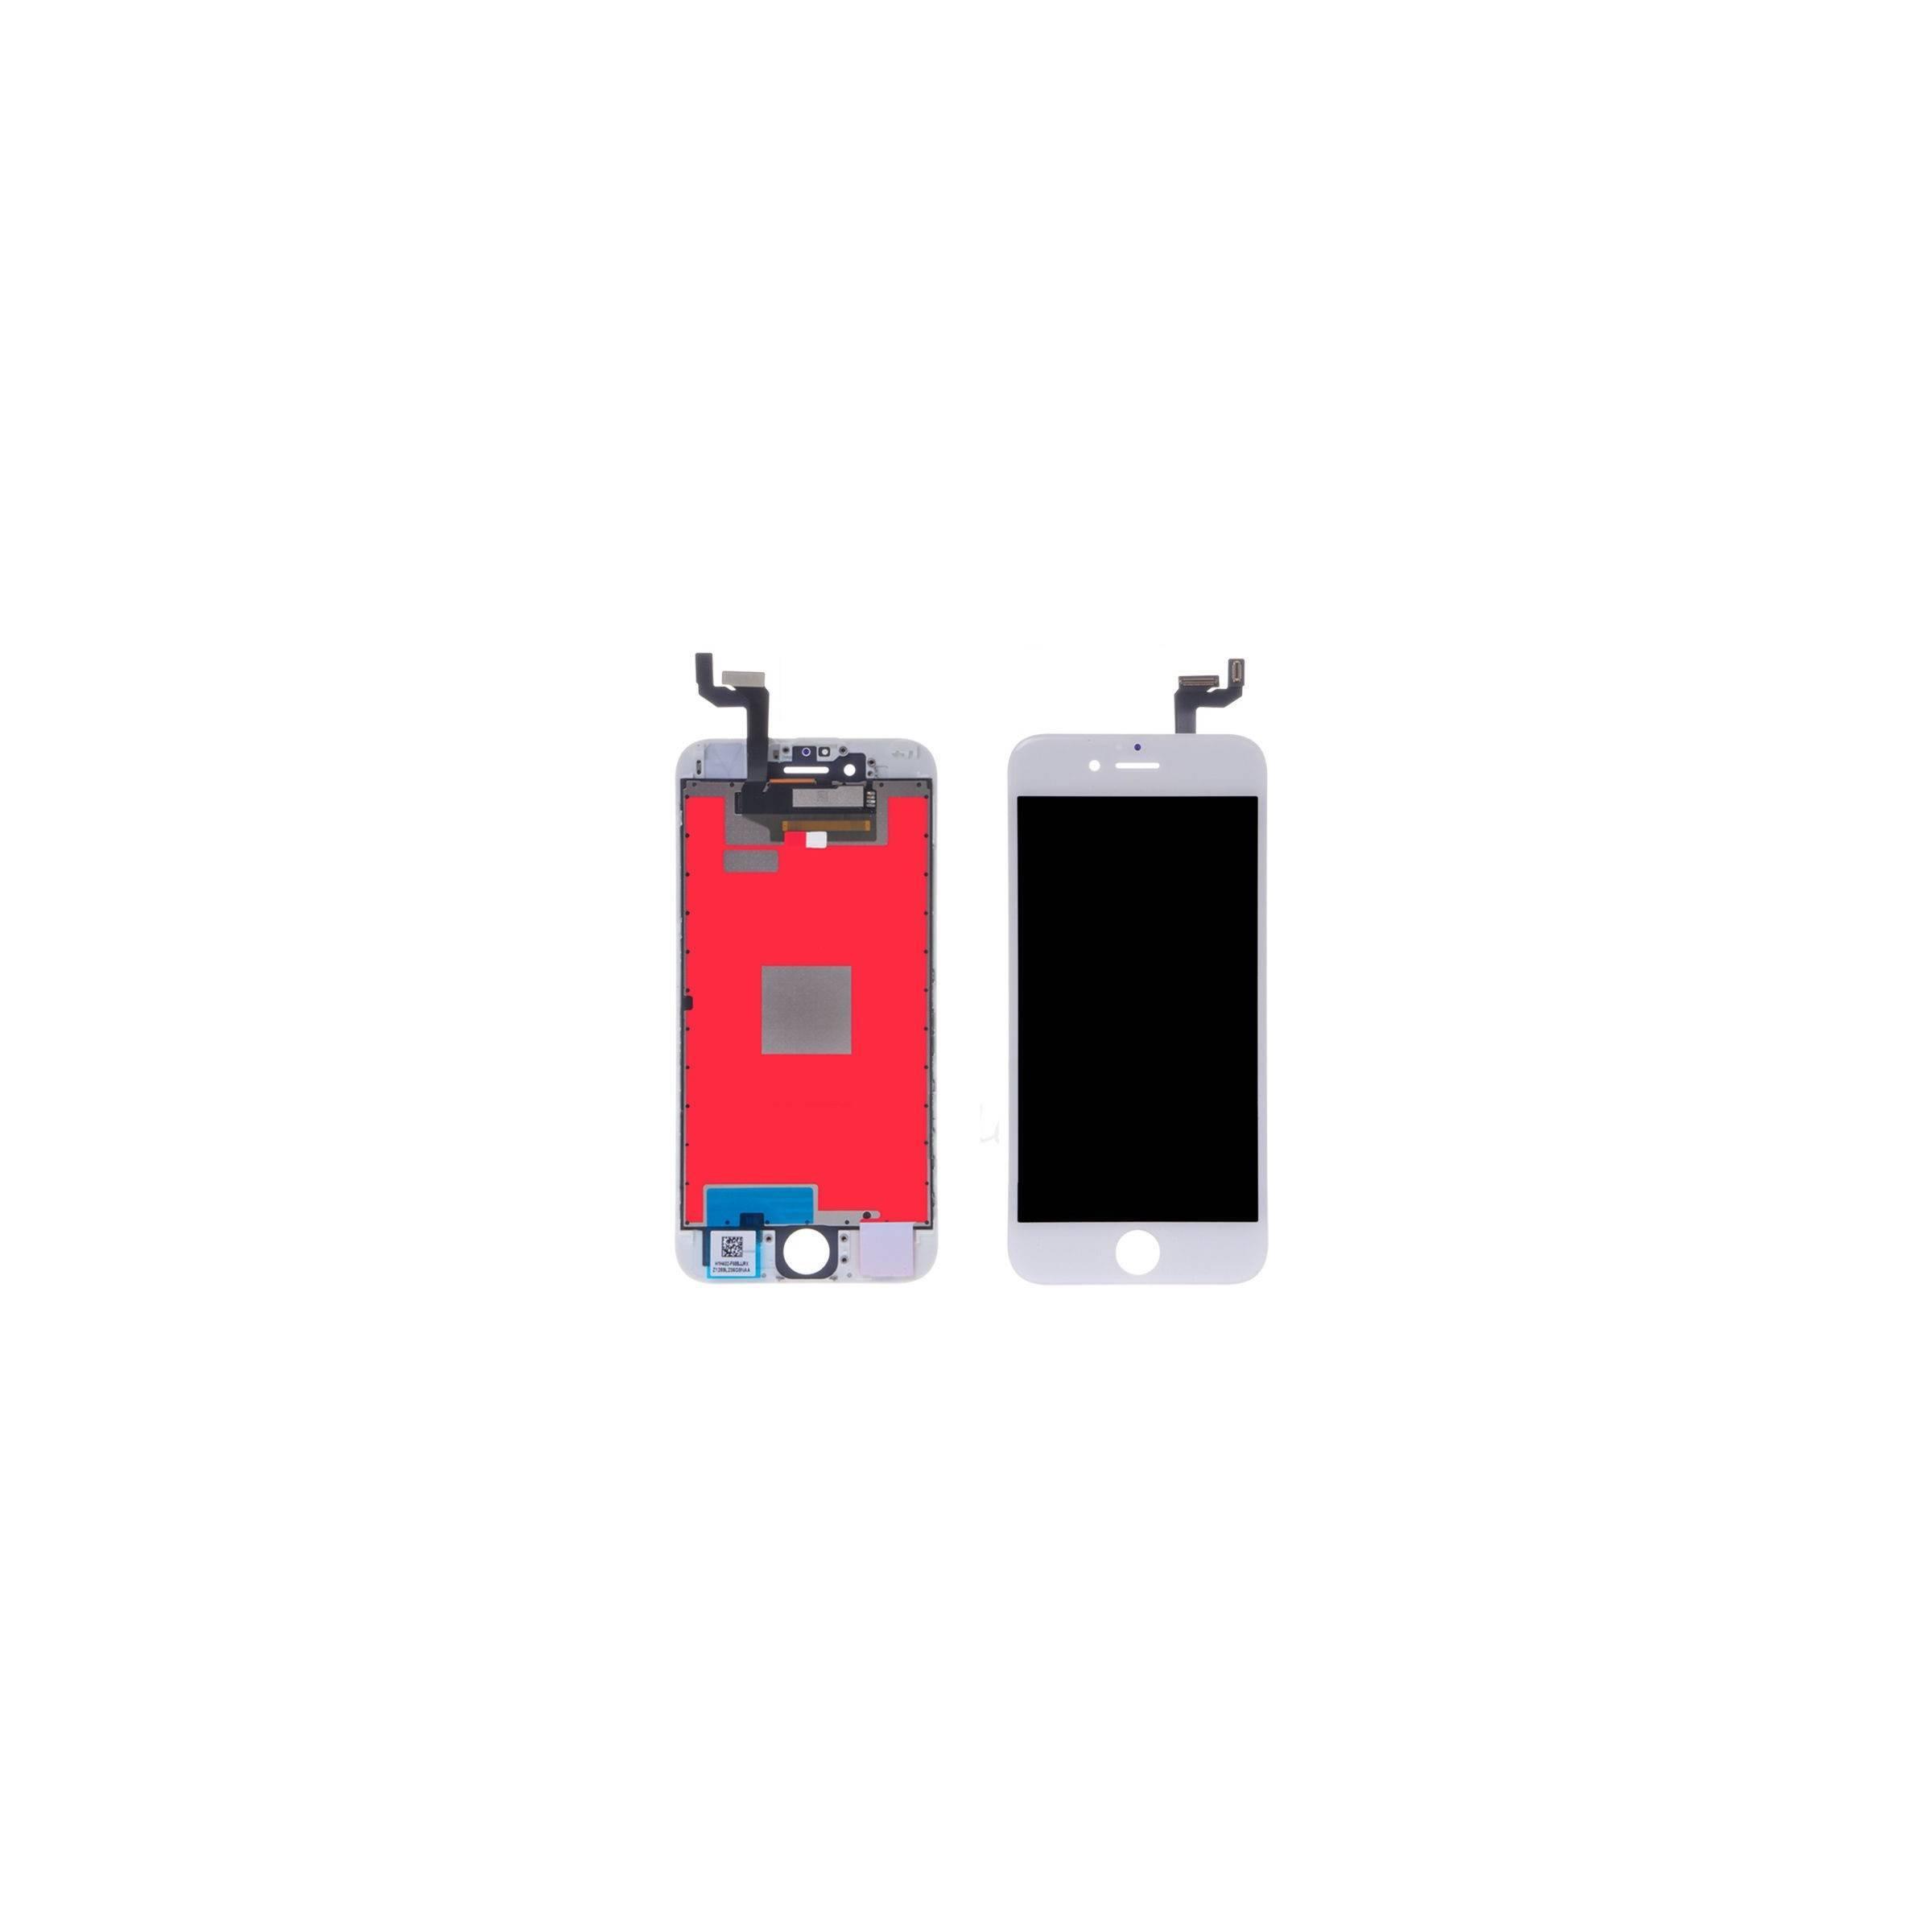 sinox – Iphone 6s plus skærm i høj kvalitet farve hvid fra mackabler.dk